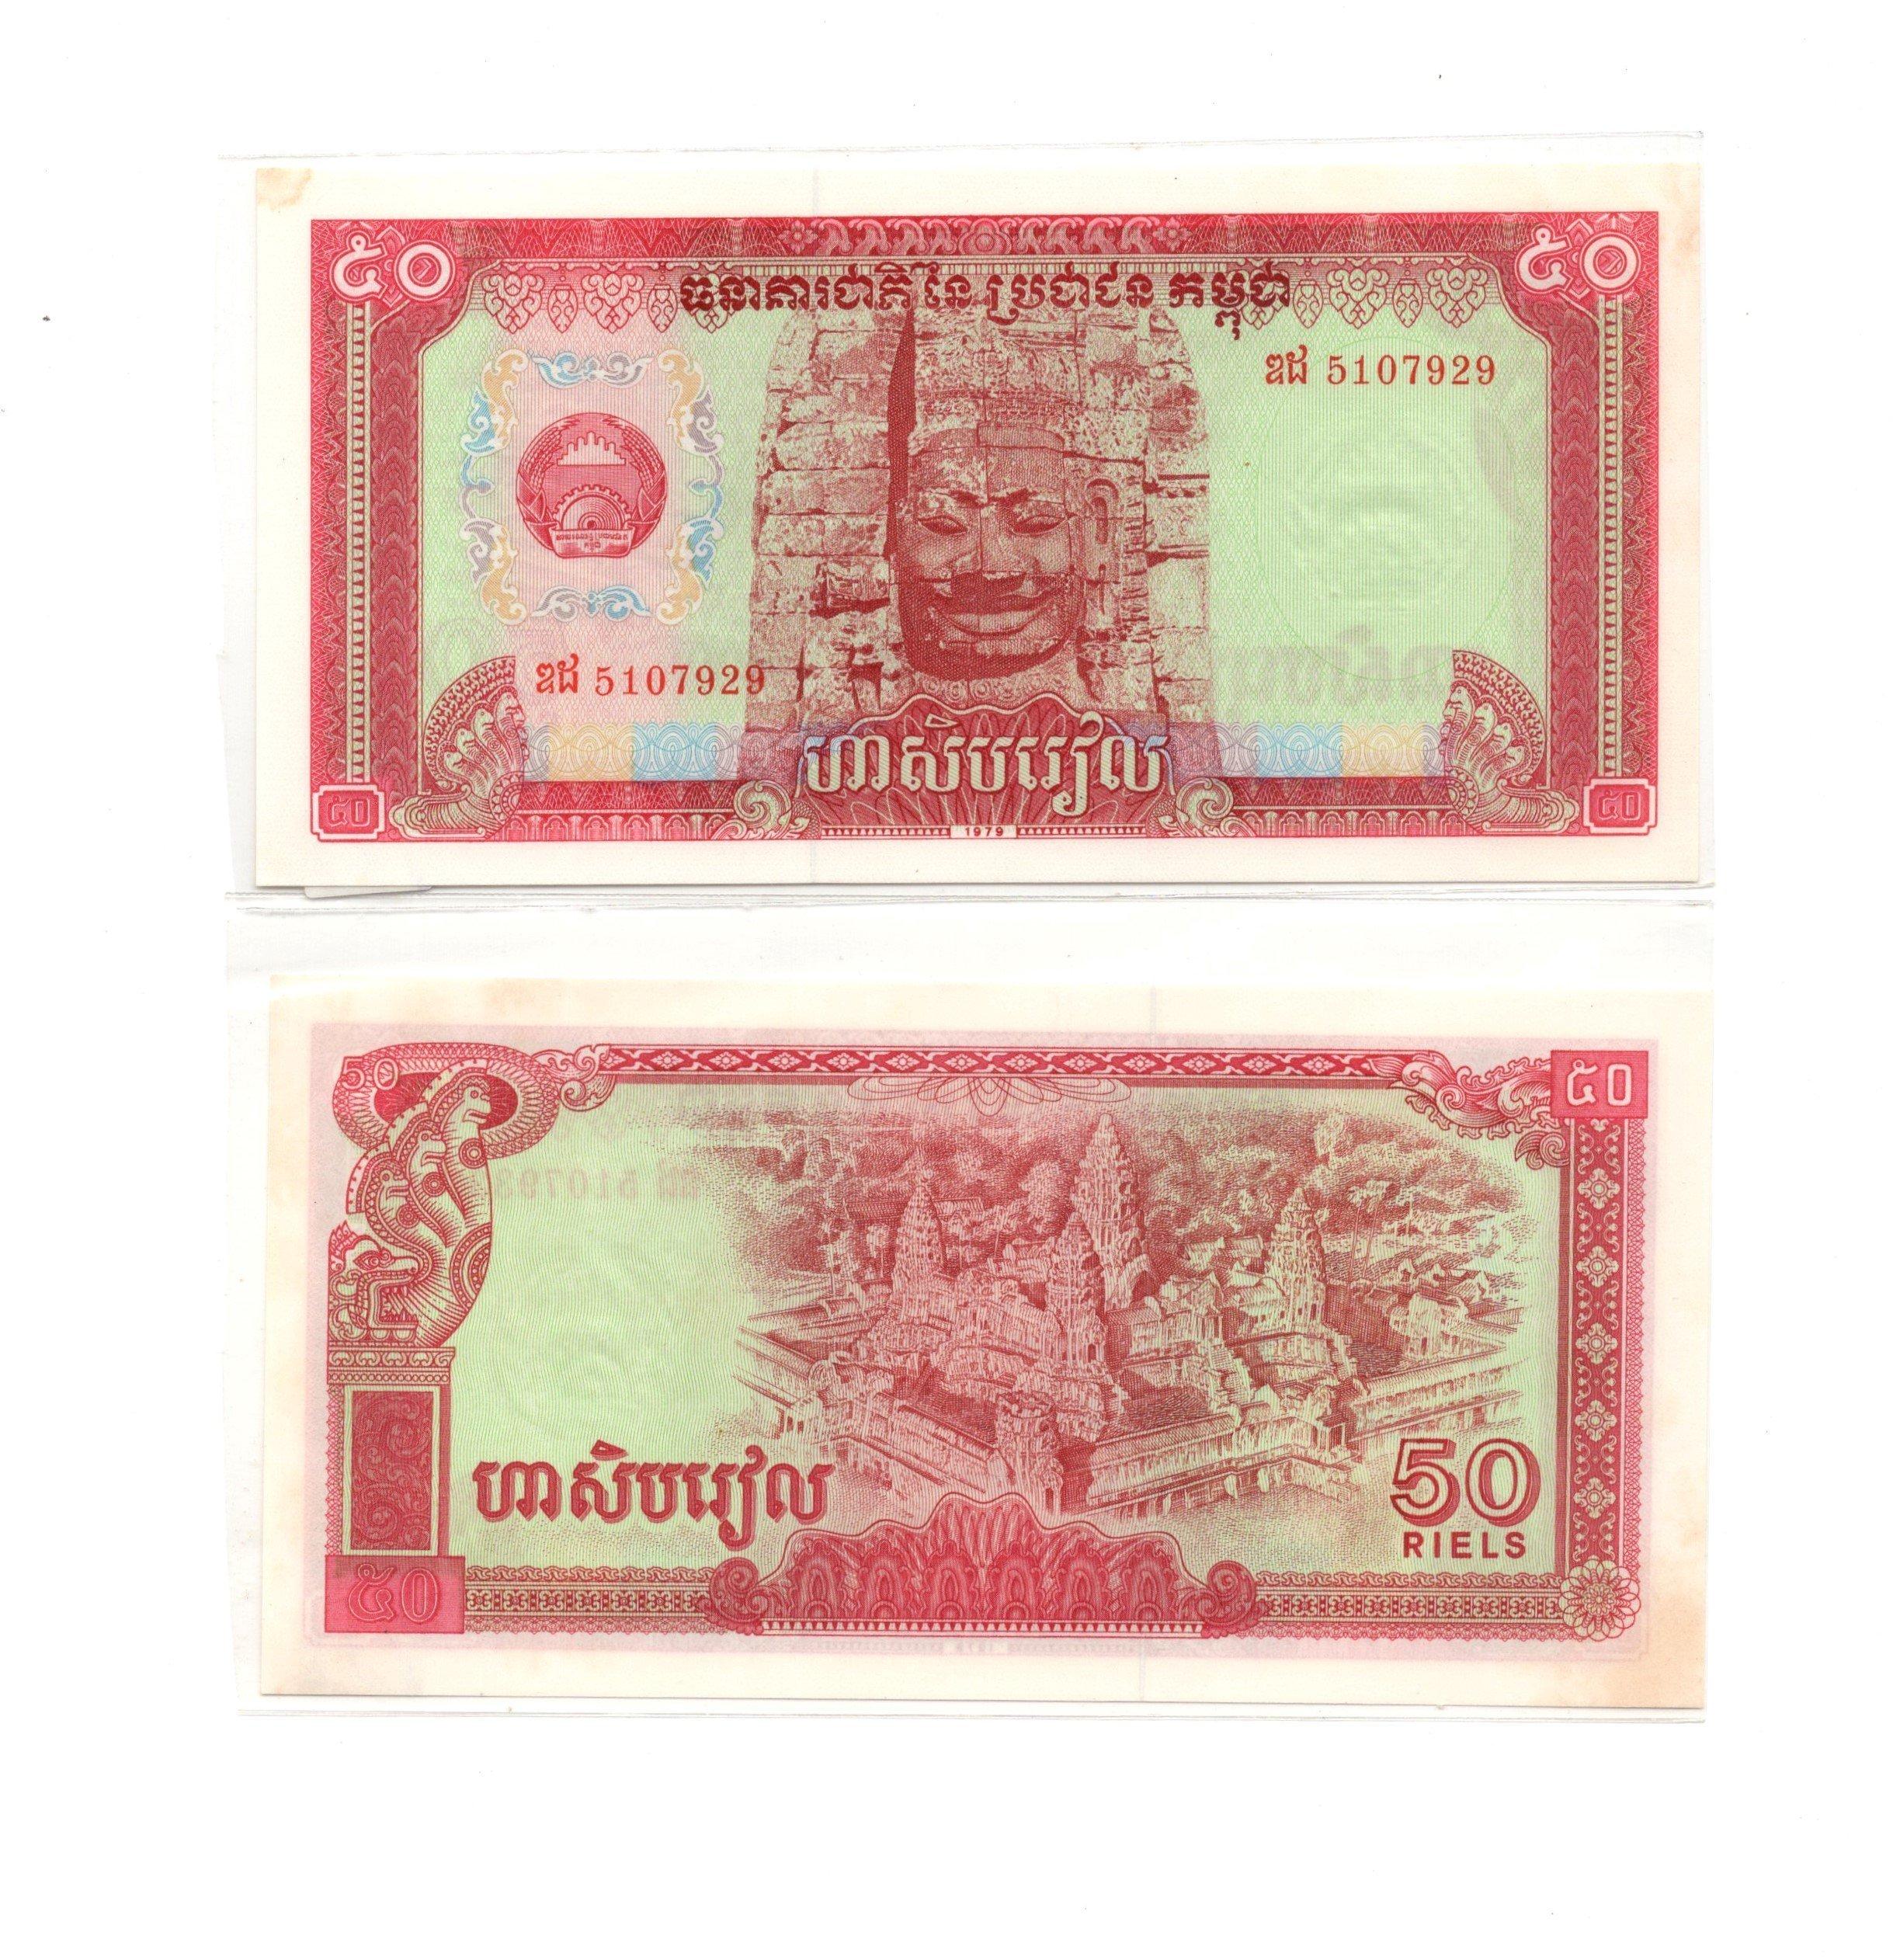 Cambodia 50 riels 1979